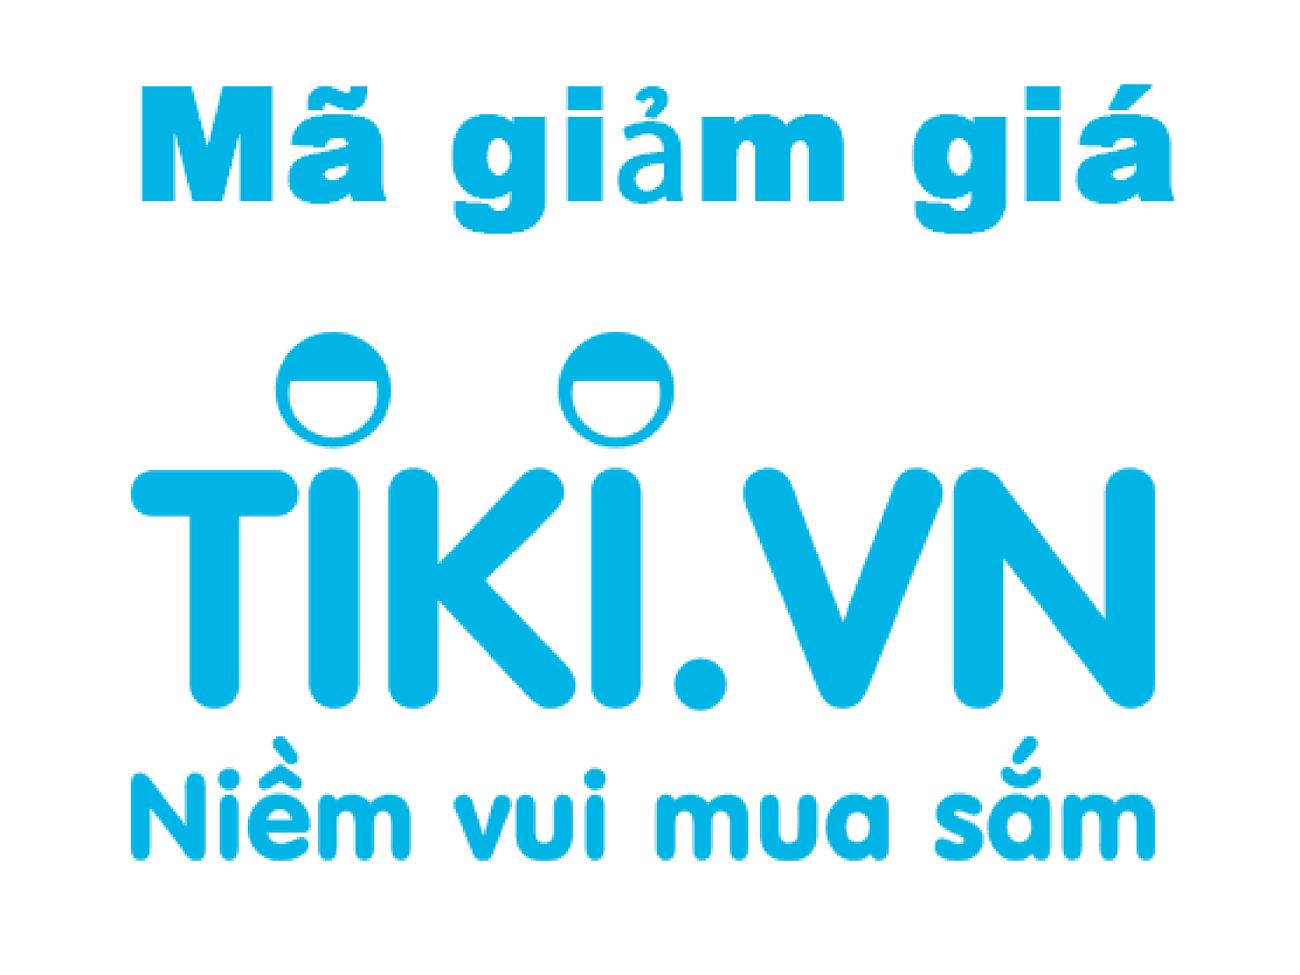 Hãy đến với lanhchanh.com để nhanh chóng nhận được mã giảm giá Tiki phù hợp với mặt hàng mình cần mua